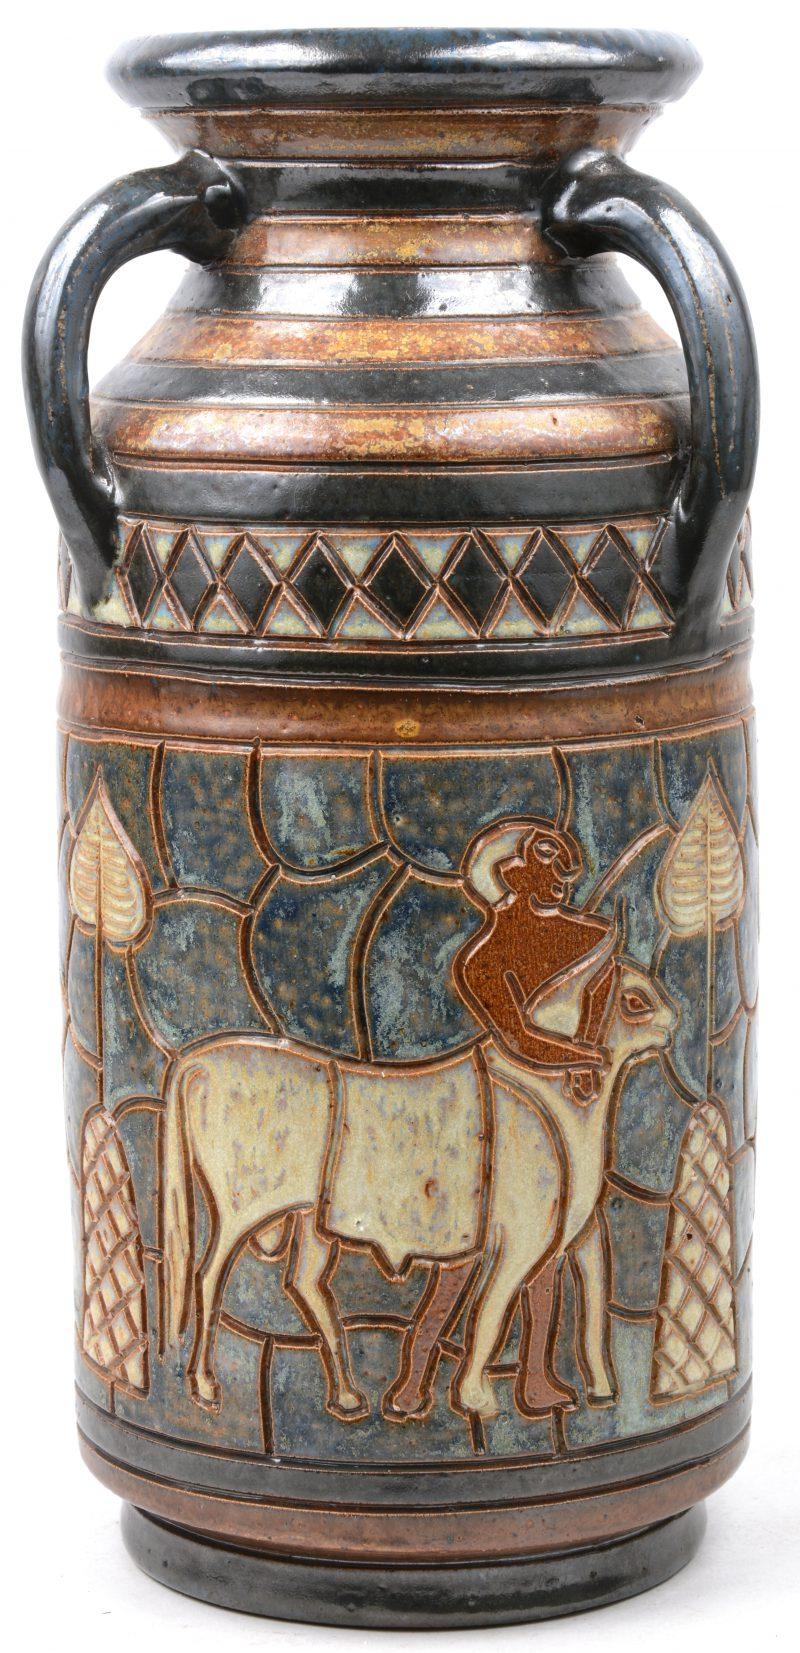 Aardewerken pot met jachtscène uit de oudheid.